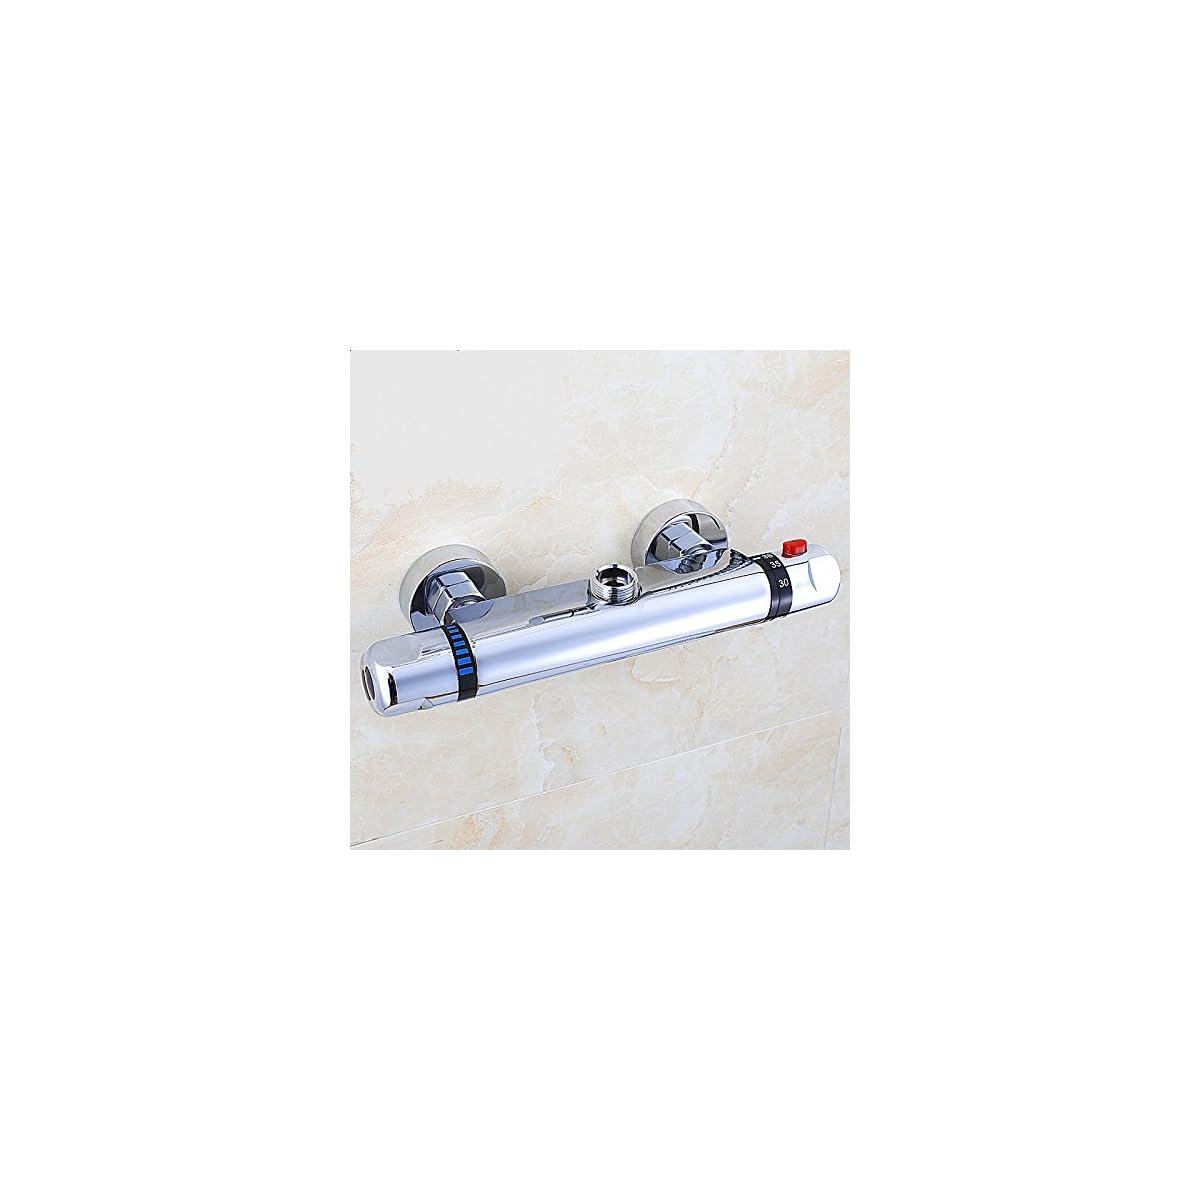 51rS4eHNWBL. SS1200  - Vinteky® Grifería Económico Elegante - Grifo termostático de ducha